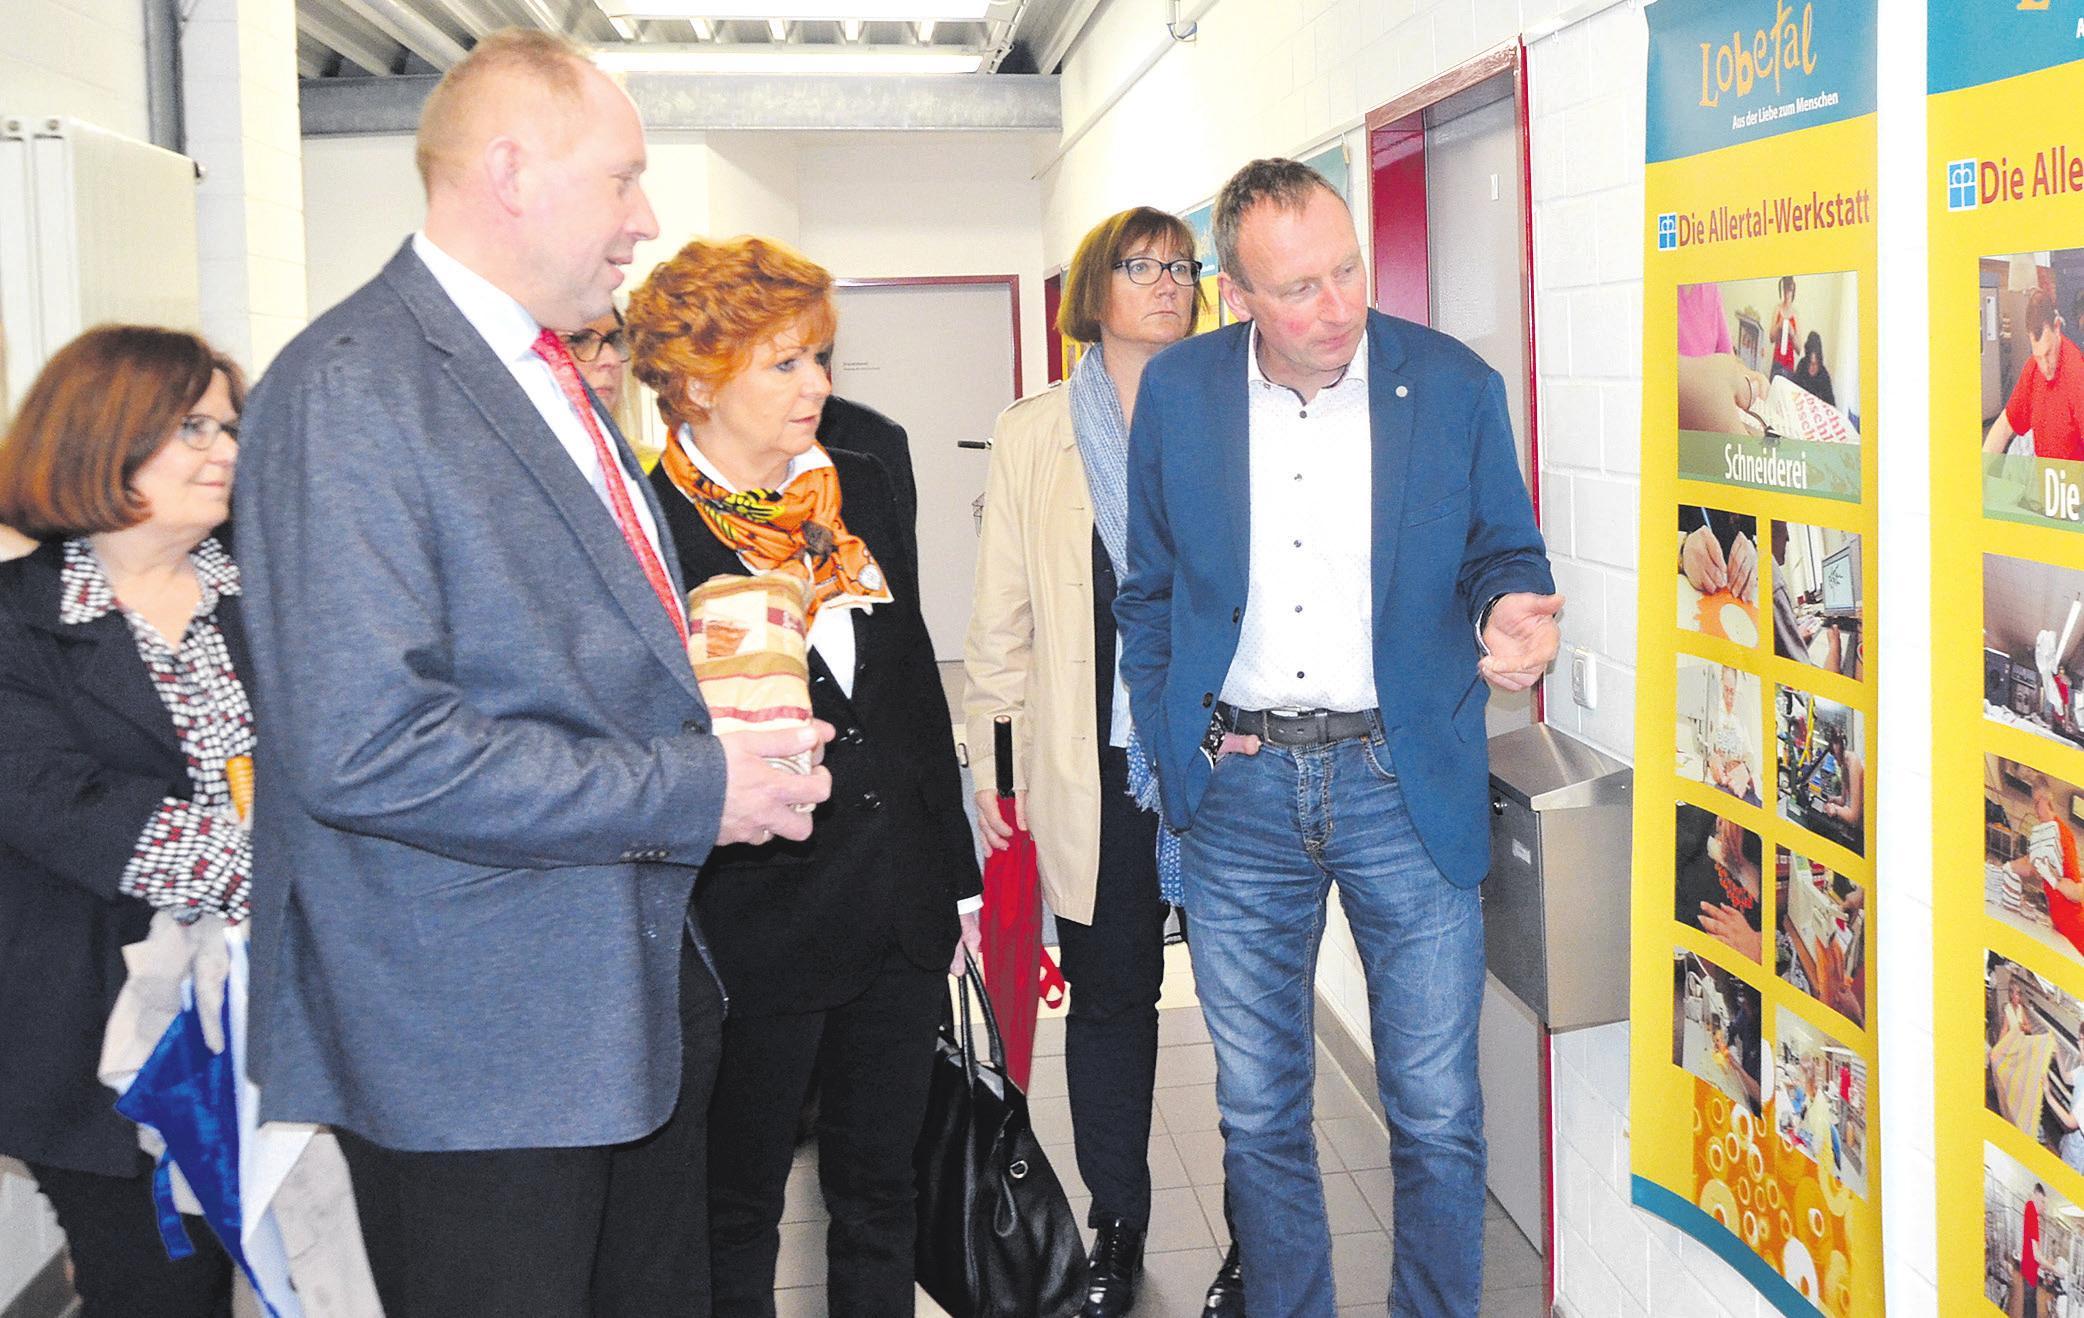 Christine Petersen (von links), Thomas Adasch, Barbara Havliza, Ulrike Drömann und Rainer Nelskamp an den Plakaten im Flur der Allertal-Werkstatt, auf denen die vielen Arbeitsbereiche für Menschen mit Beeinträchtigung aufgezeigt werden. Foto: Wasinski